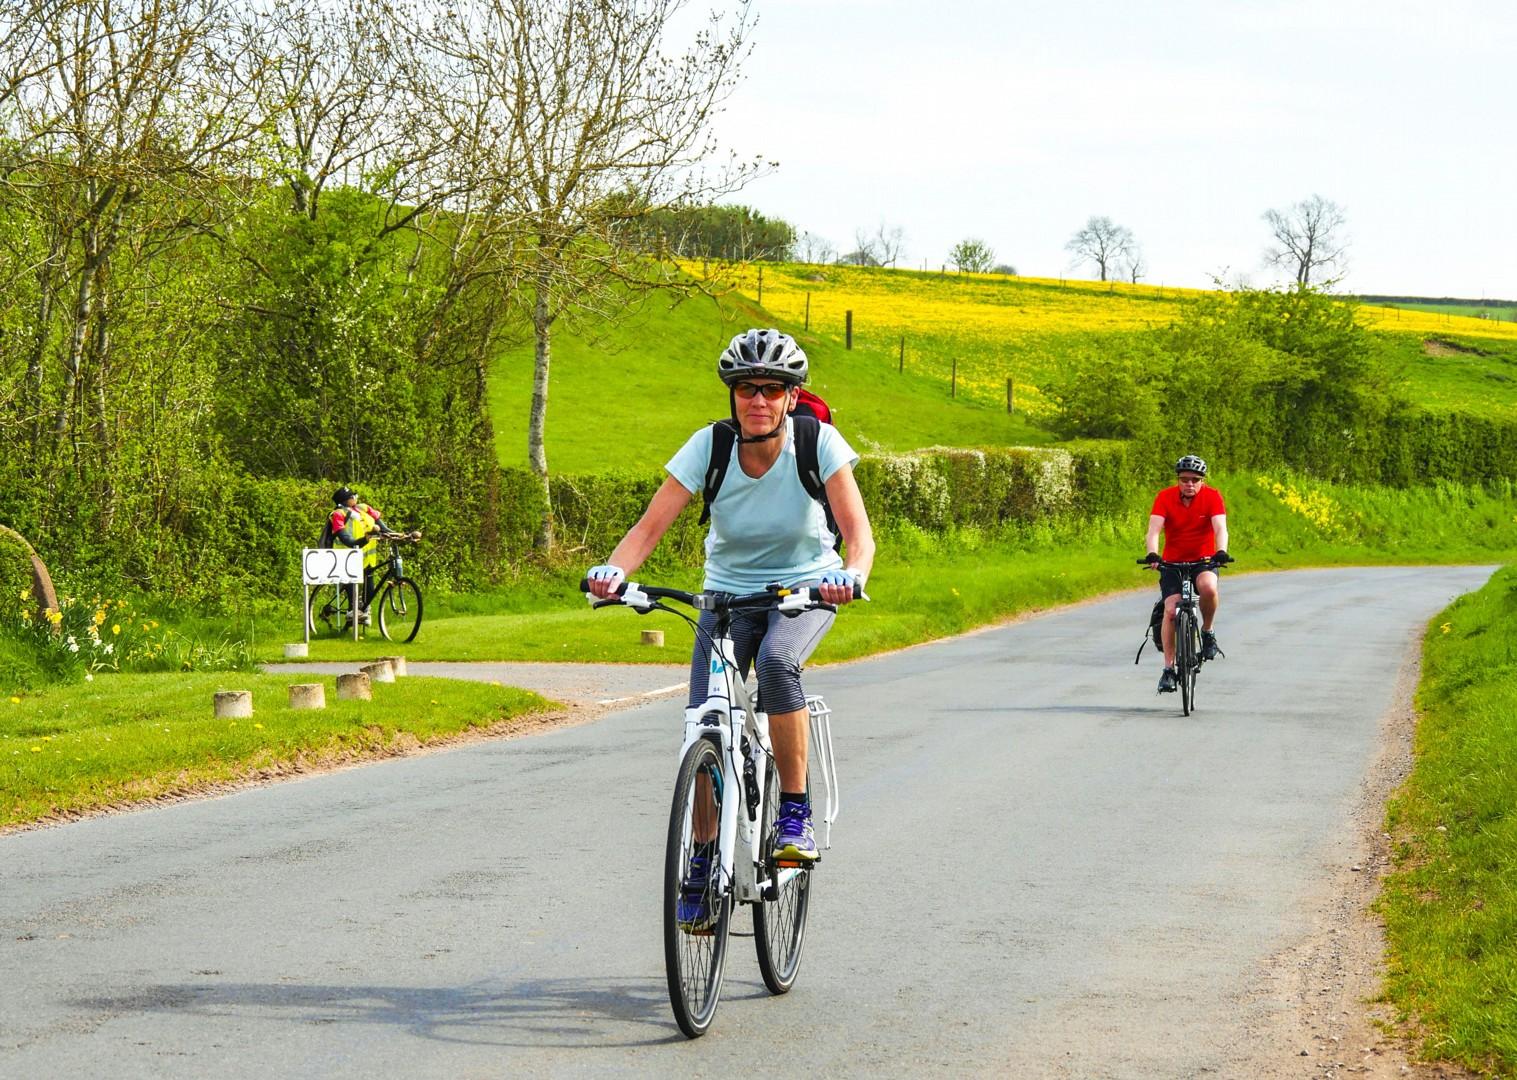 bike-friendly-accommodation-uk-coast-to-coast-route.jpg - UK - C2C - Coast to Coast 4 Days Cycling - Self-Guided Leisure Cycling Holiday - Leisure Cycling